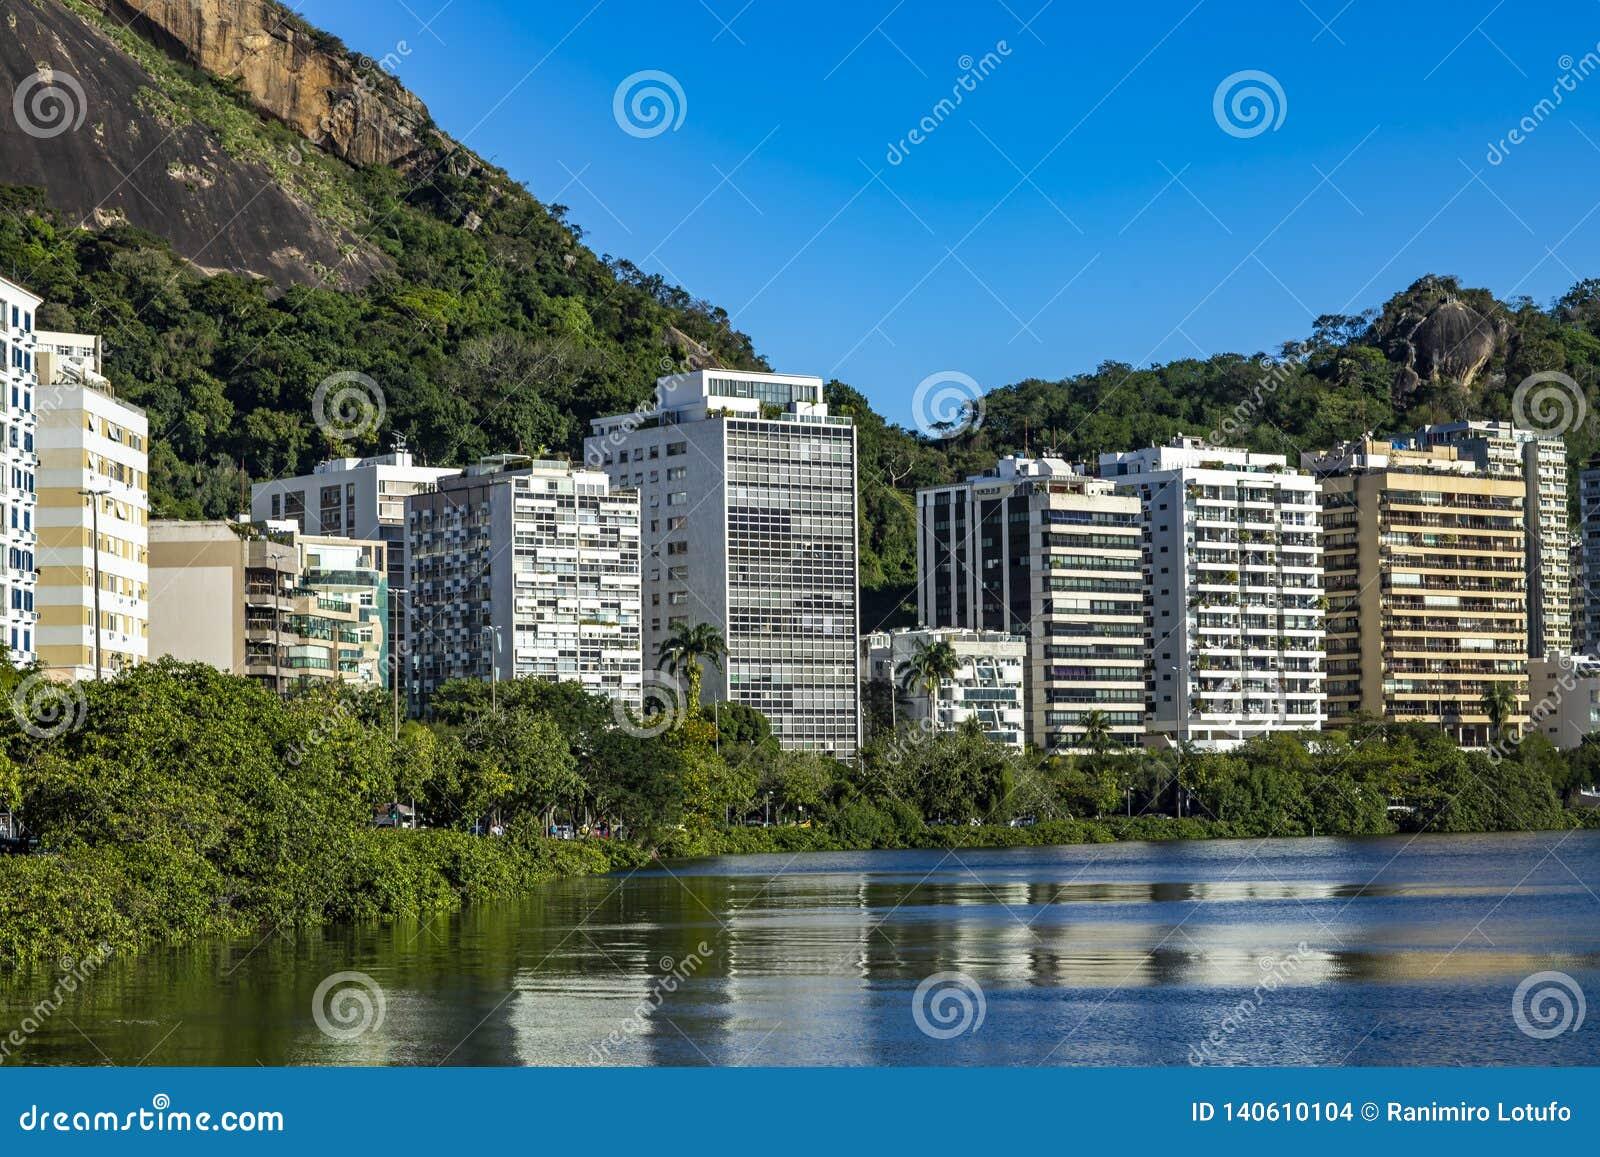 La mayoría de los apartamentos costosos en el mundo Lugares maravillosos en el mundo